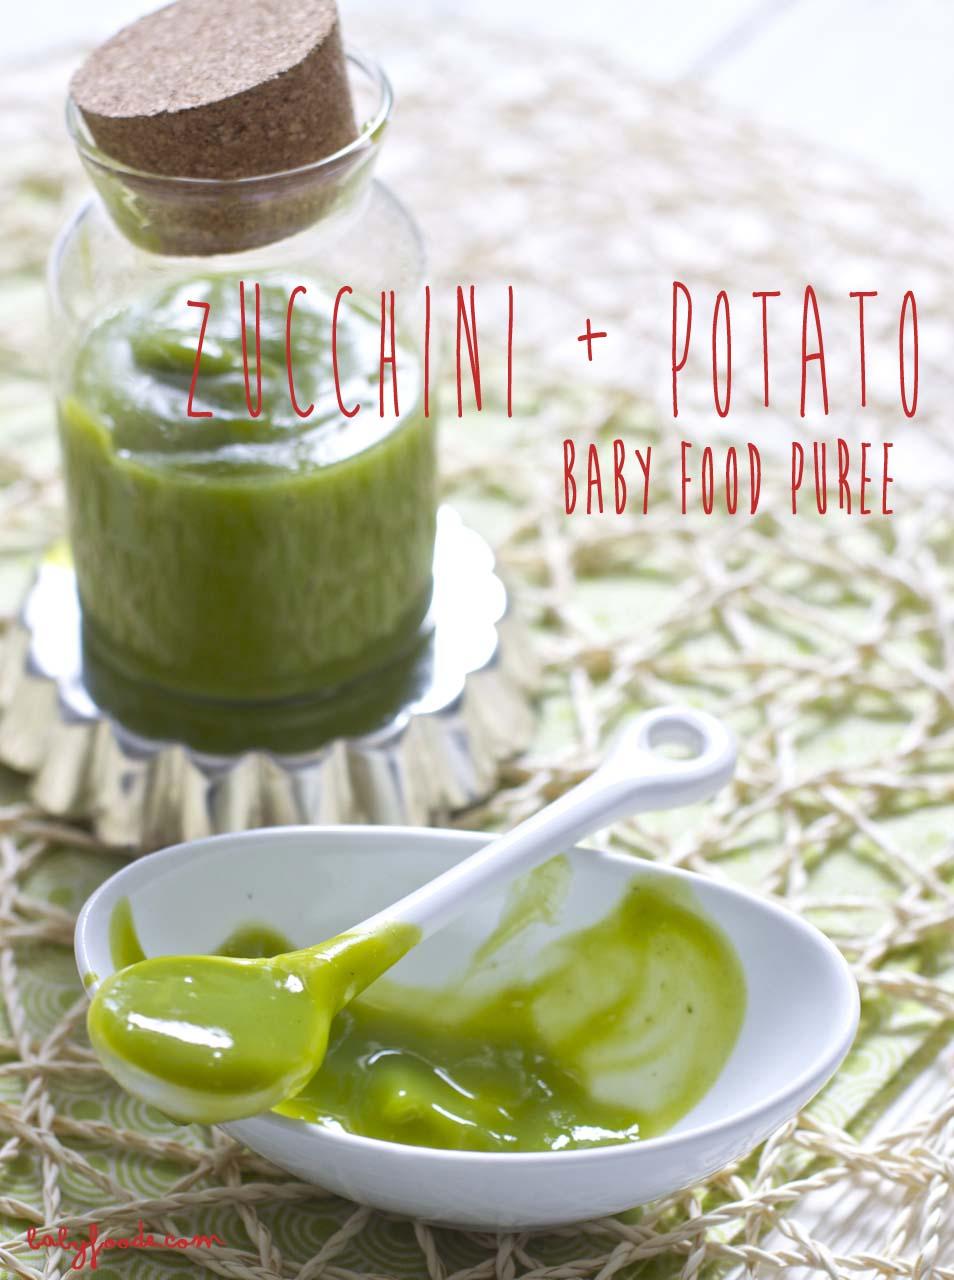 Zucchini + Potato Puree